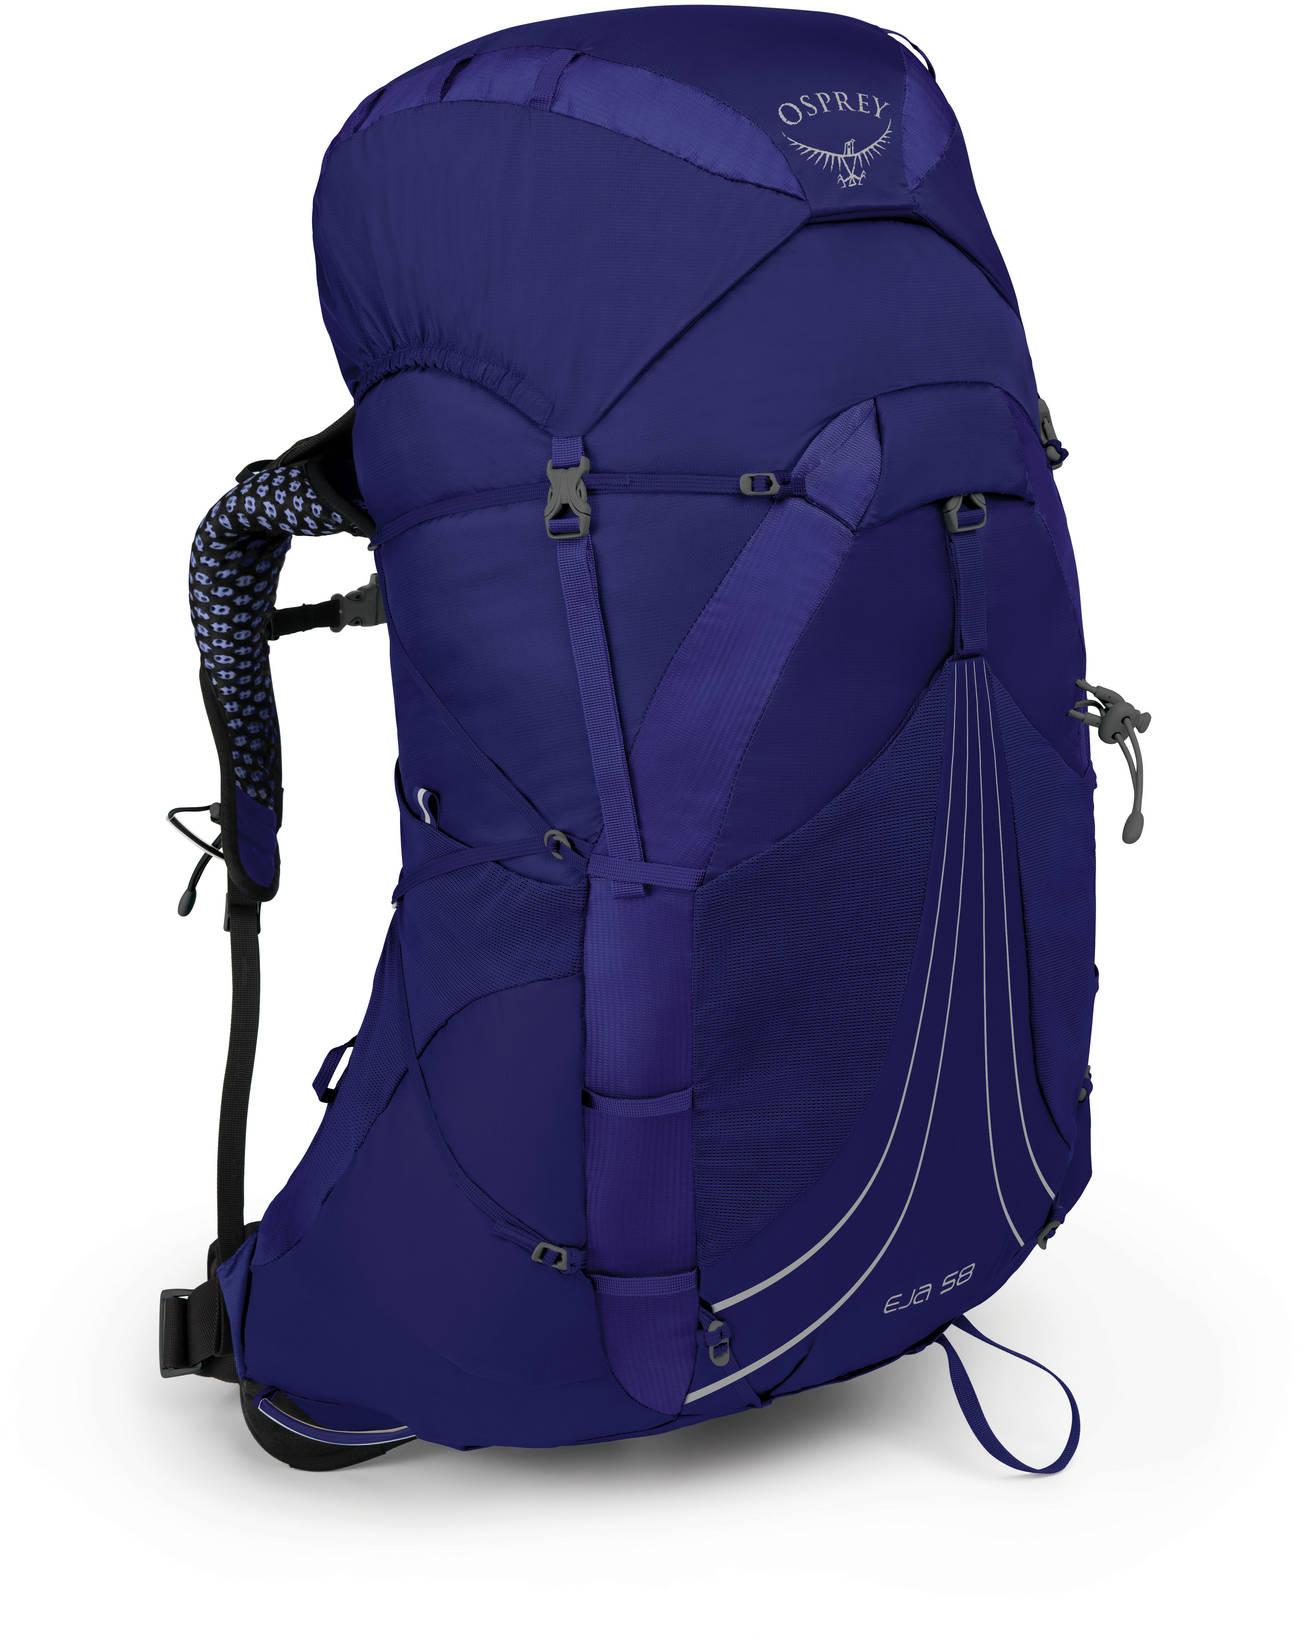 Туристические рюкзаки Рюкзак туристический Osprey Eja 58 Equinox Blue (2019) Eja58_S18_Side_EquinoxBlue_web.jpg